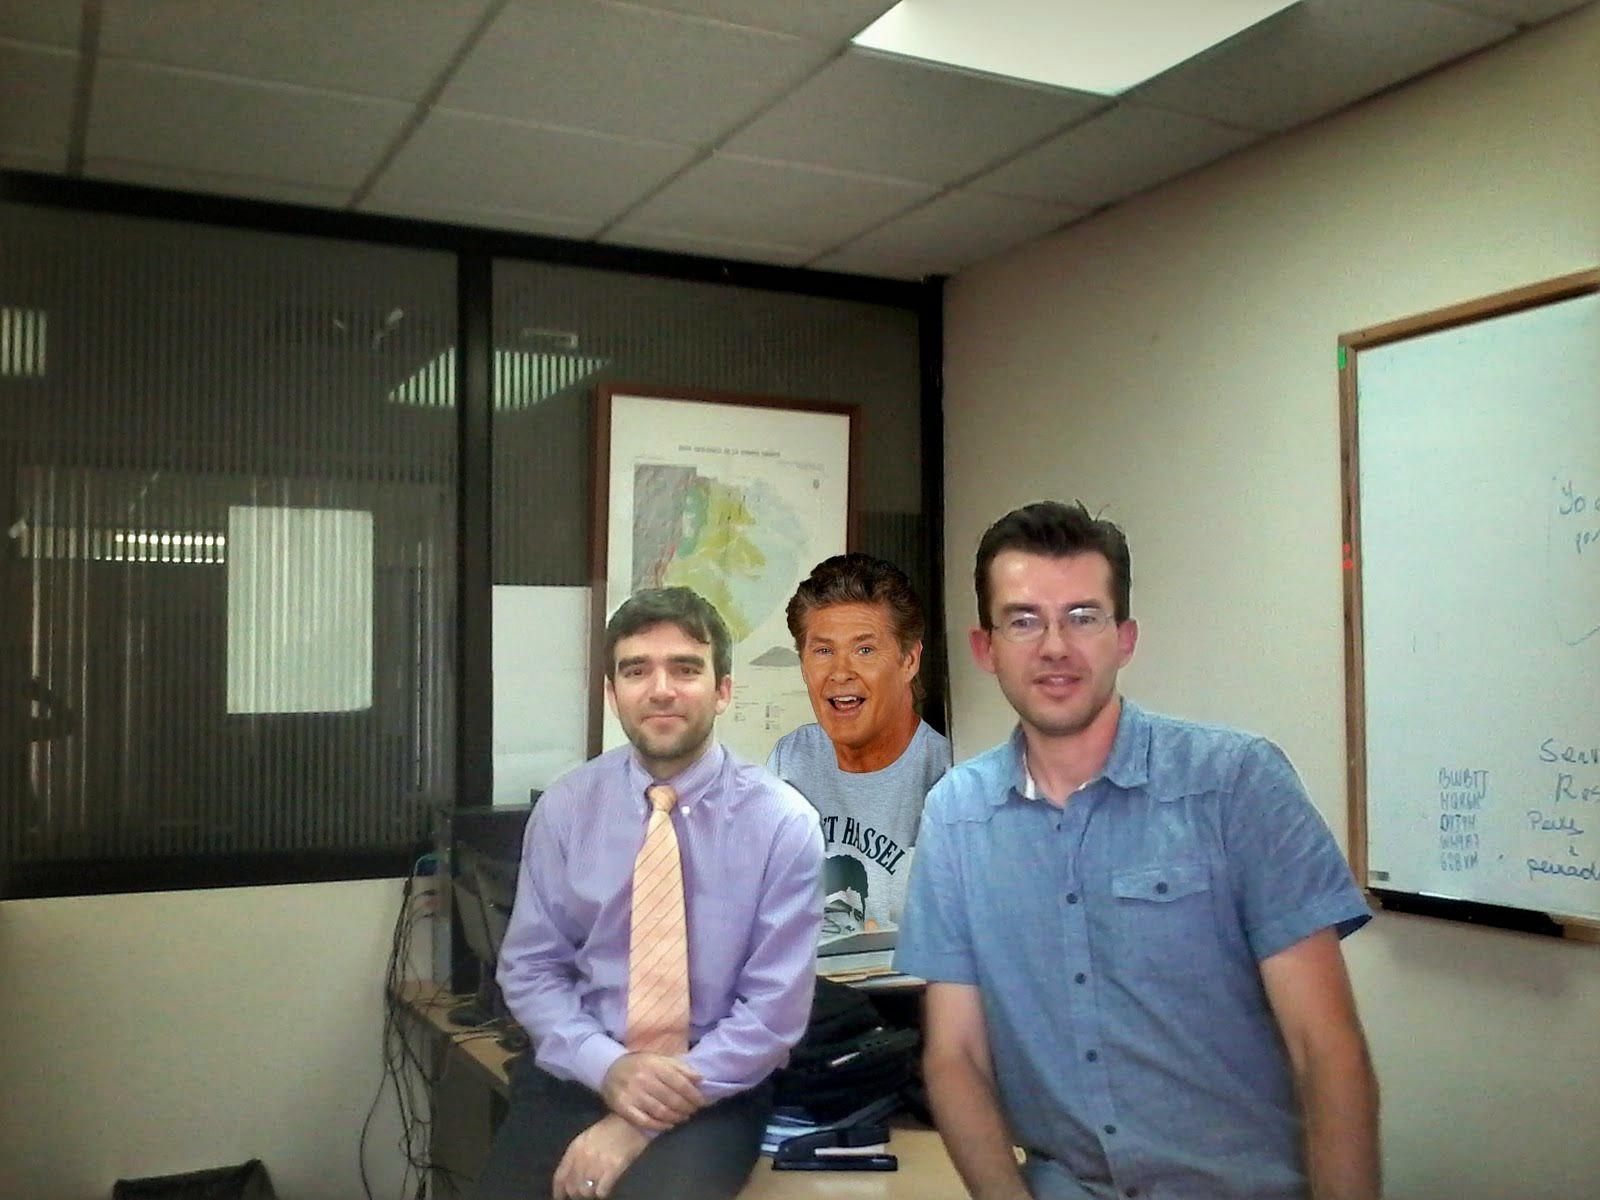 ed81e4f1bc99 Esa foto está tomada en el despacho que ocupo aquí en Ecuador. Estoy con mi  compañero Josafá (un día hablaré de él) y en la foto también se ha colado  David ...